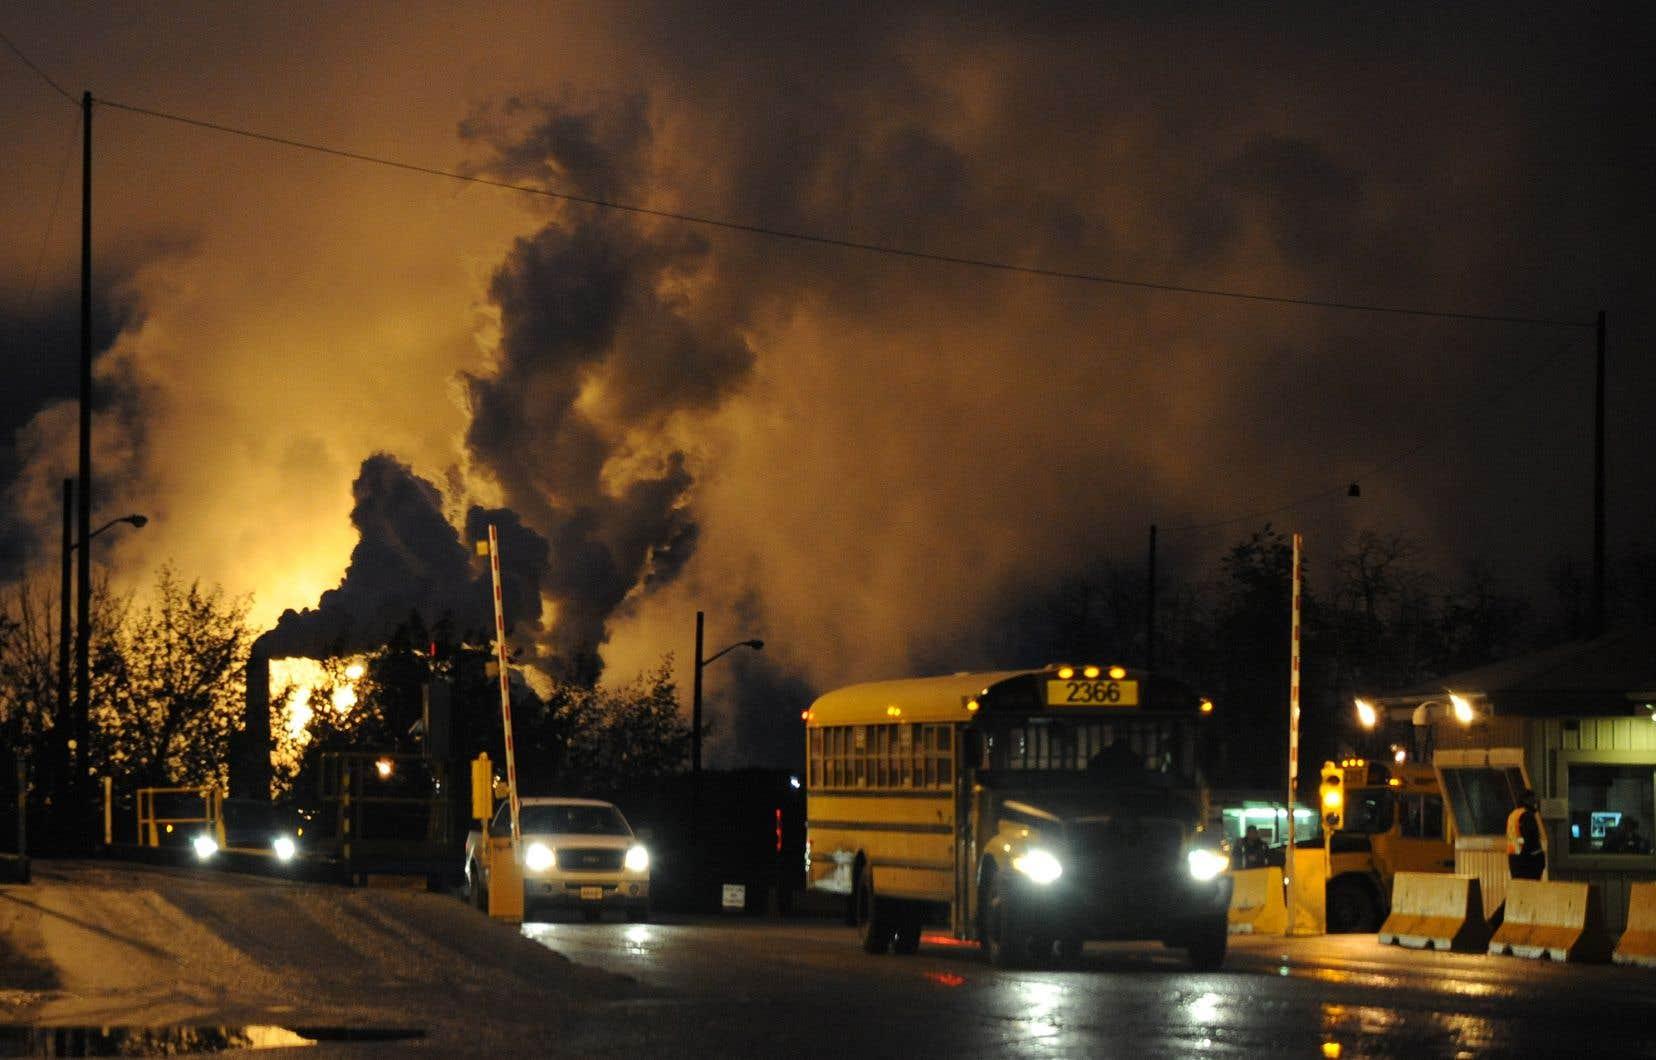 Ottawa ne fait que s'enfoncer dans ses contradictions fossiles et rappeler l'incapacité chronique du Canada à respecter ses objectifs de réduction des émissions de GES.